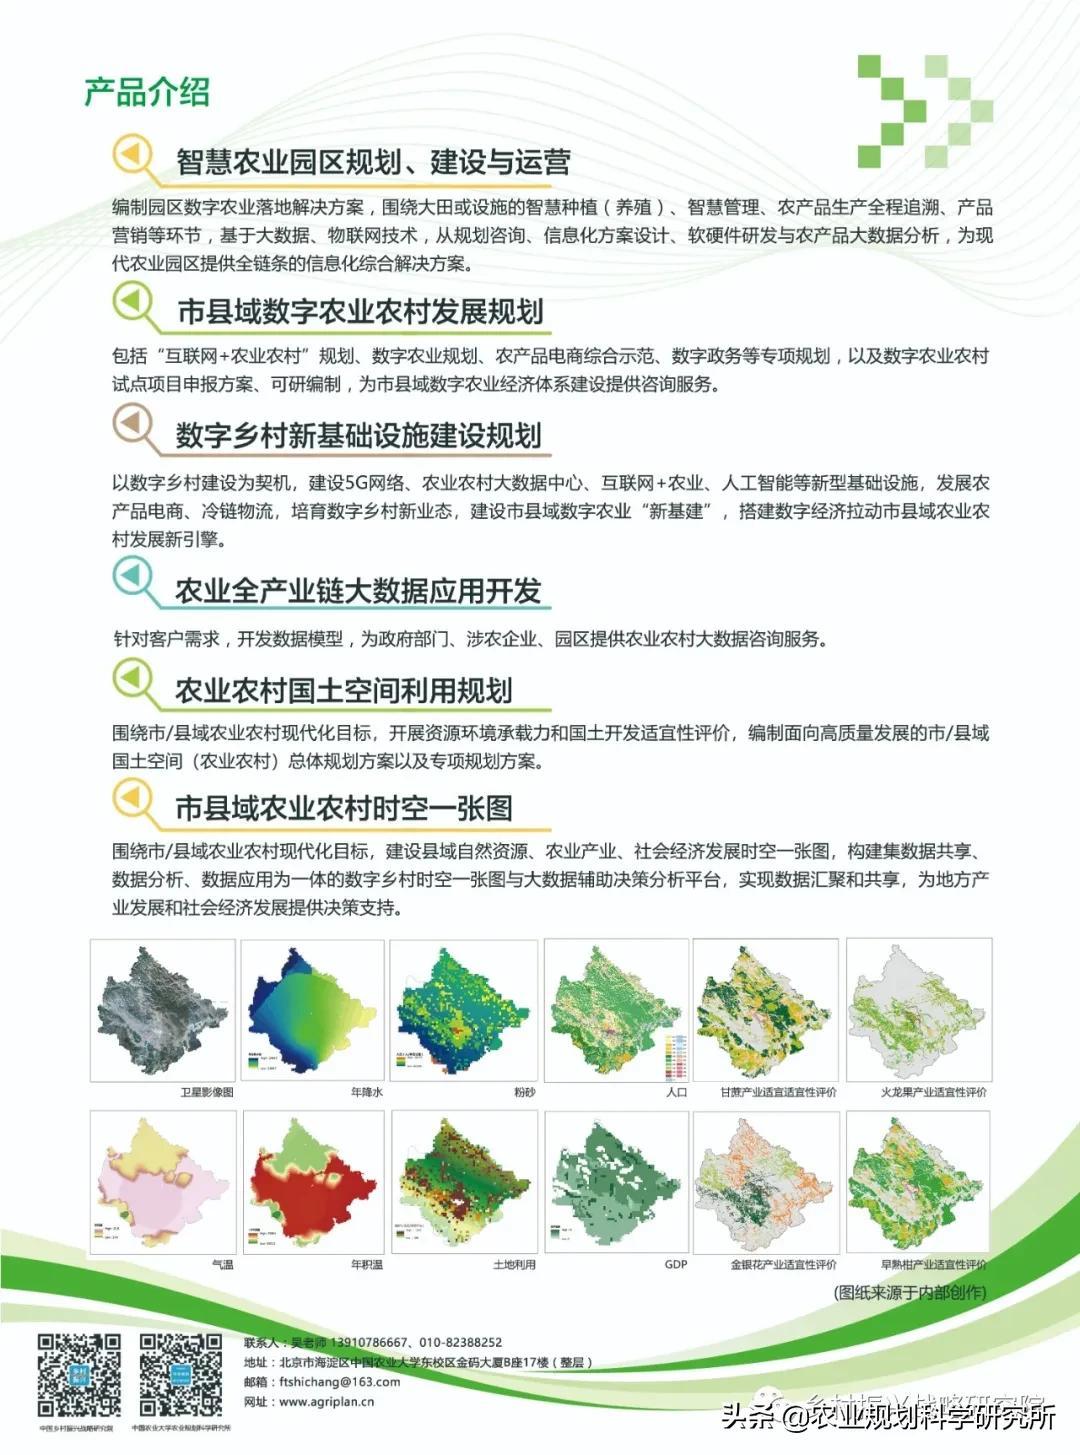 【聚焦农大】中国农大与平谷区签署战略合作框架协议